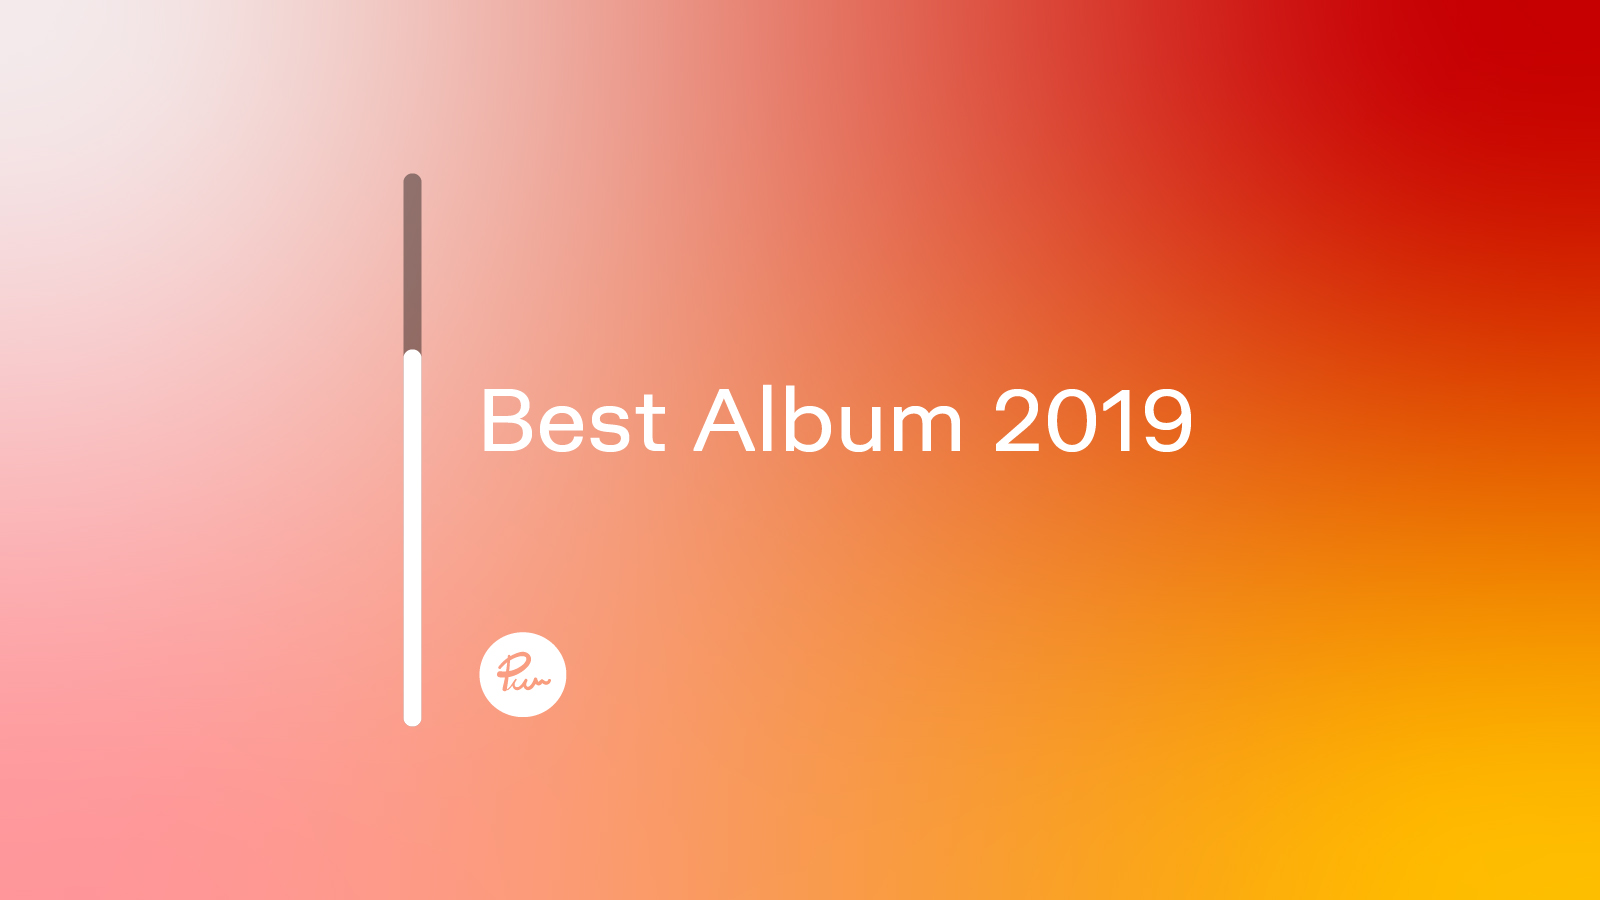 Best Album 2019